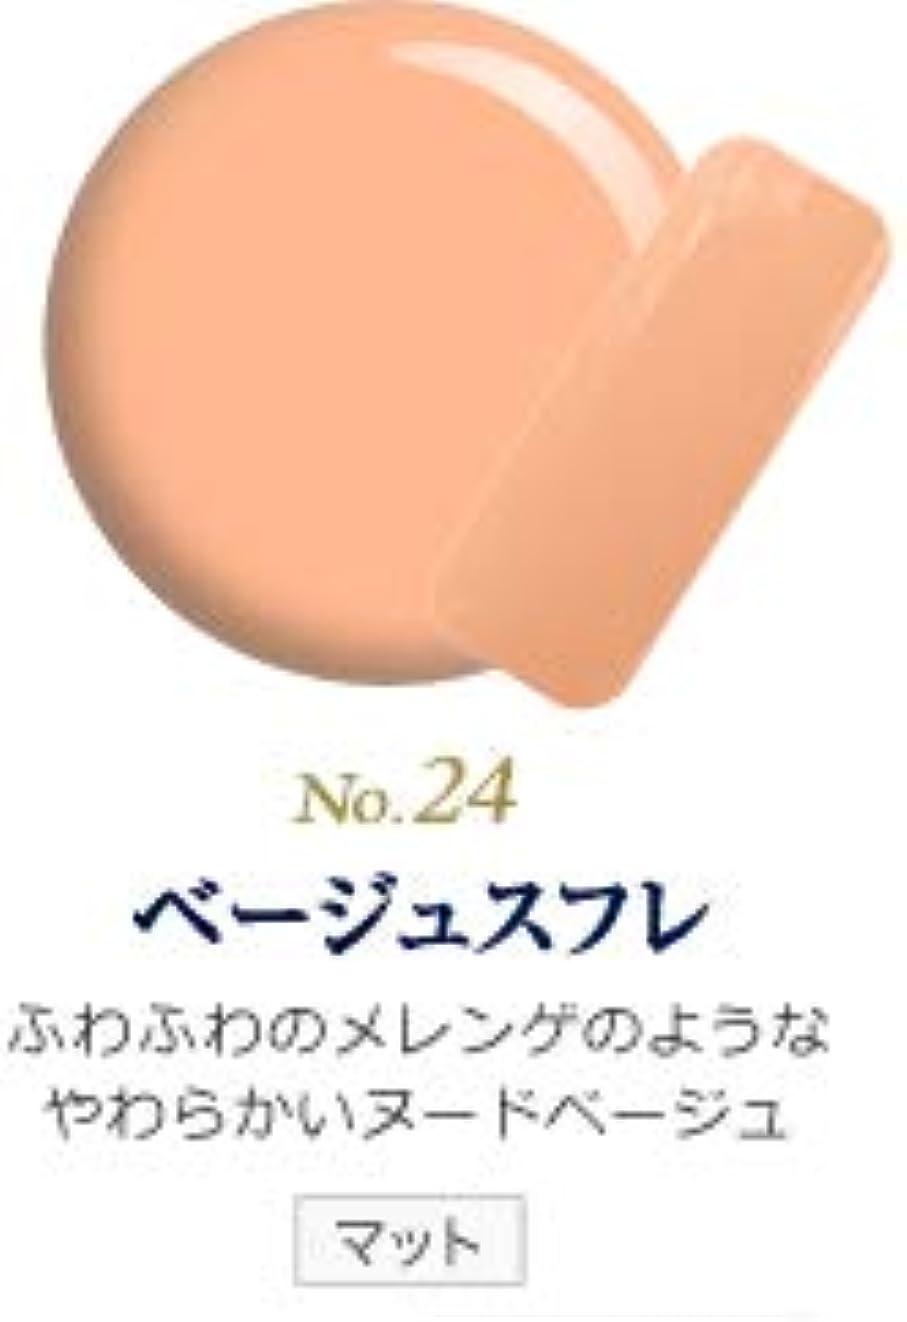 発色抜群 削らなくてもオフが出来る 新グレースジェルカラーNo.11~No.209 (ベージュスフレ)